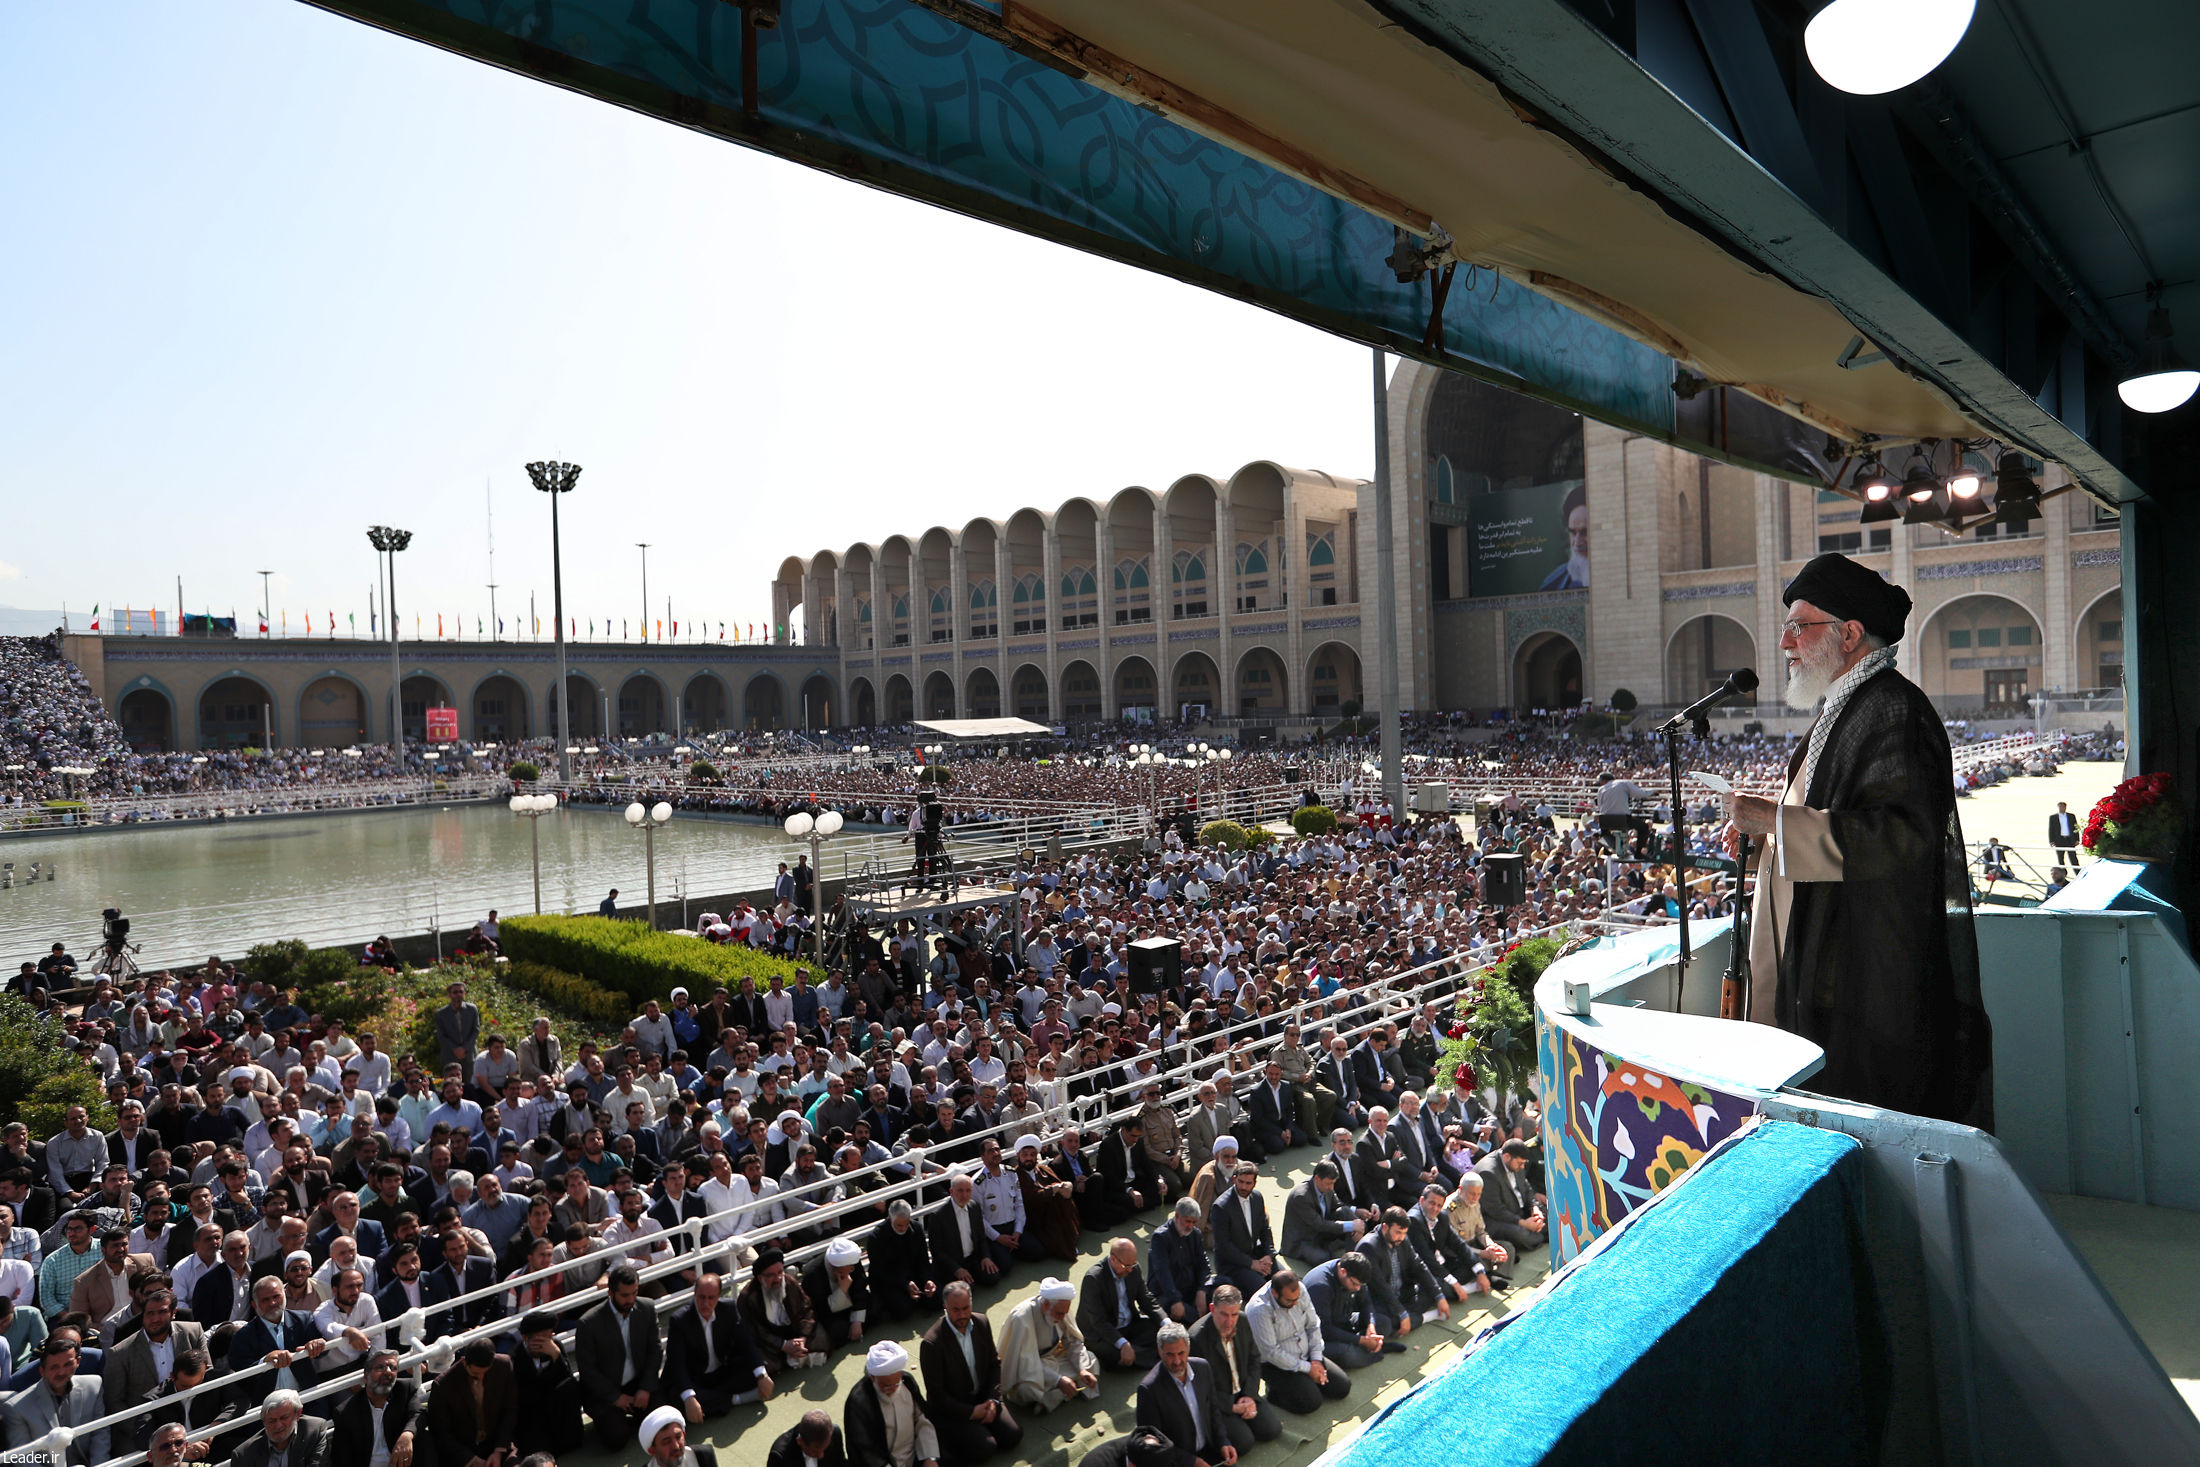 نماز عید سعید فطر به امامت رهبر انقلاب